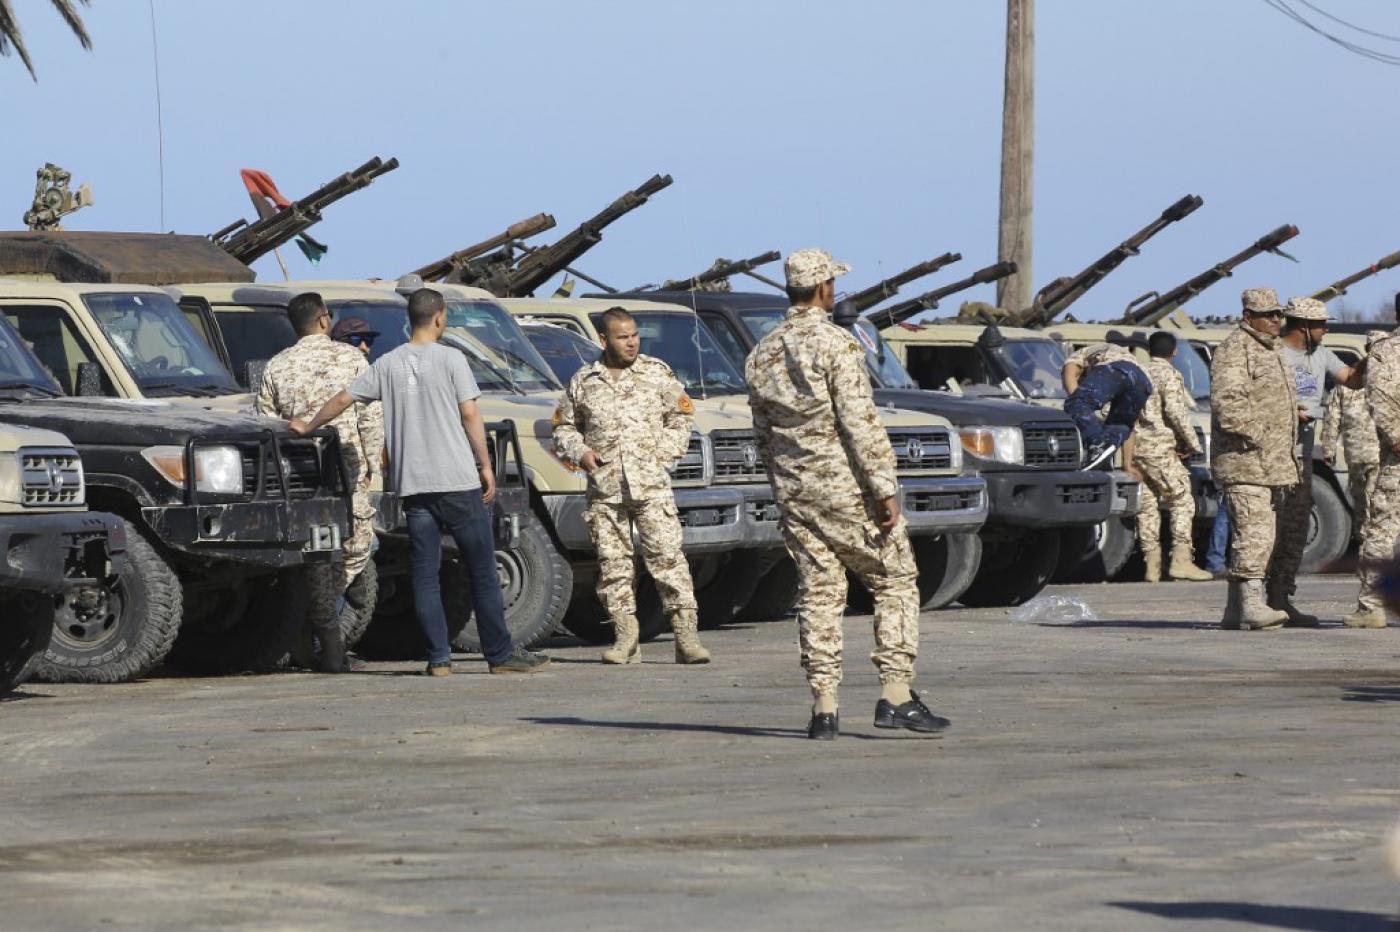 Des forces fidèles au Gouvernement d'entente nationale arrivent dans la banlieue de Tripoli depuis leur base de Misrata le 6 avril (AFP)